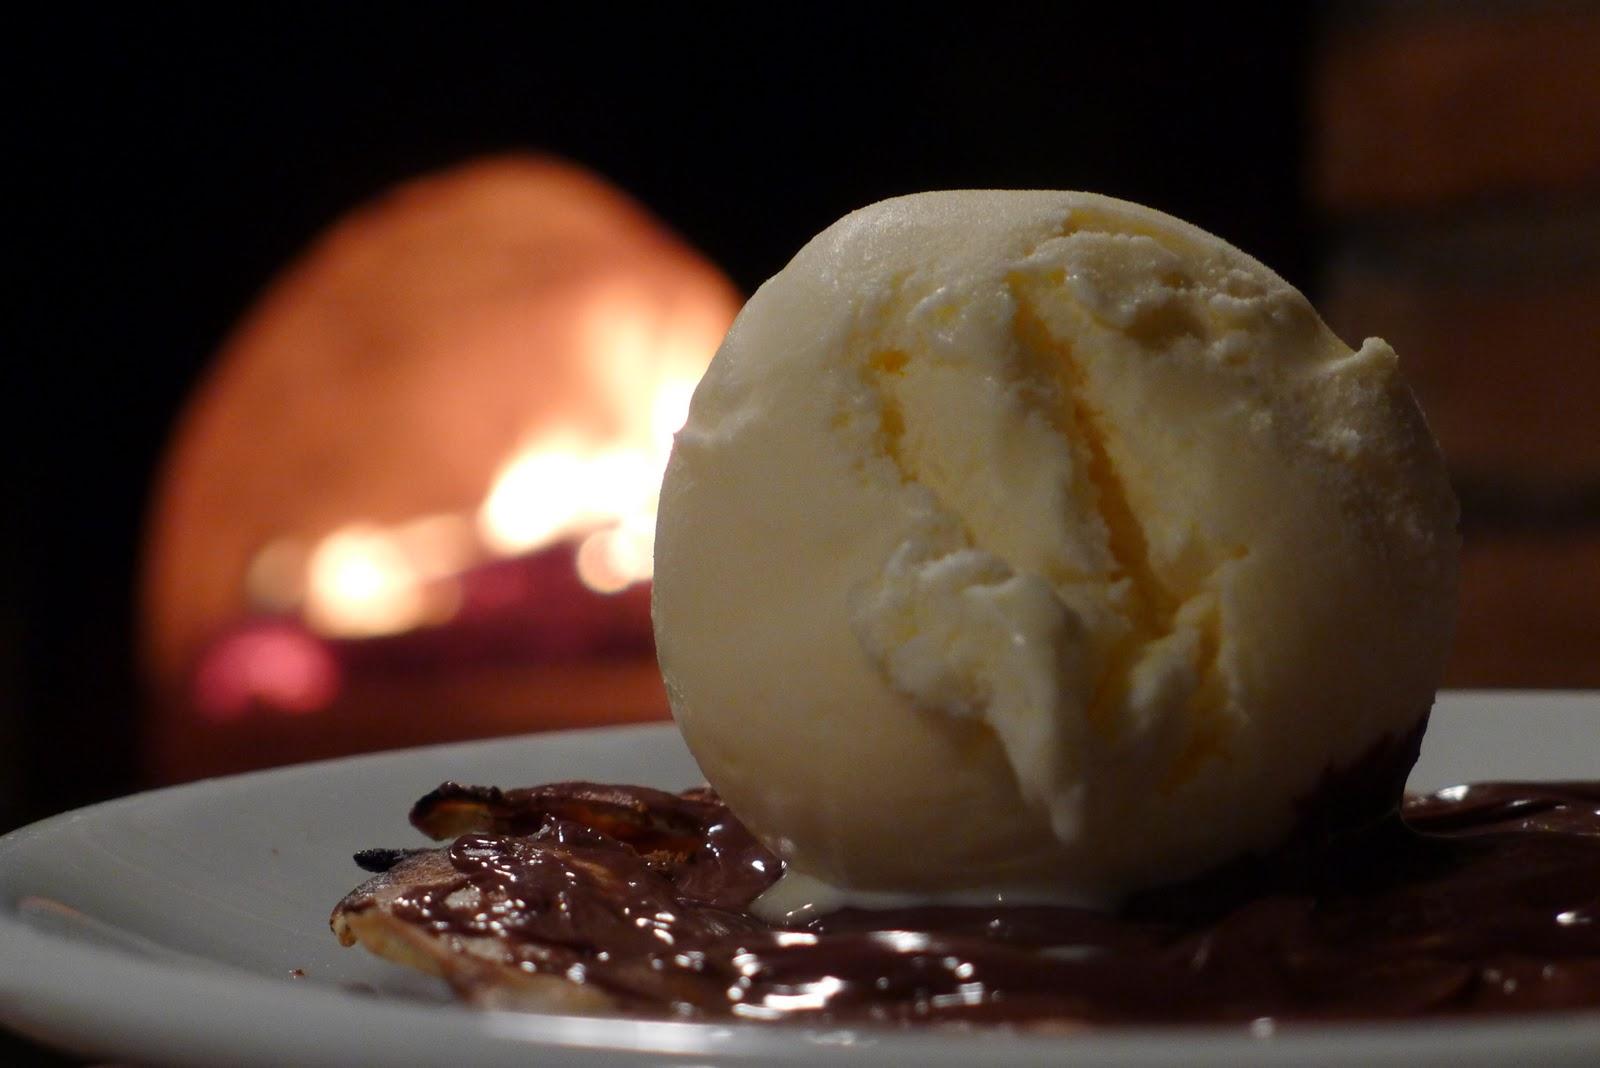 sorvete no inverno: aplie o cardápio